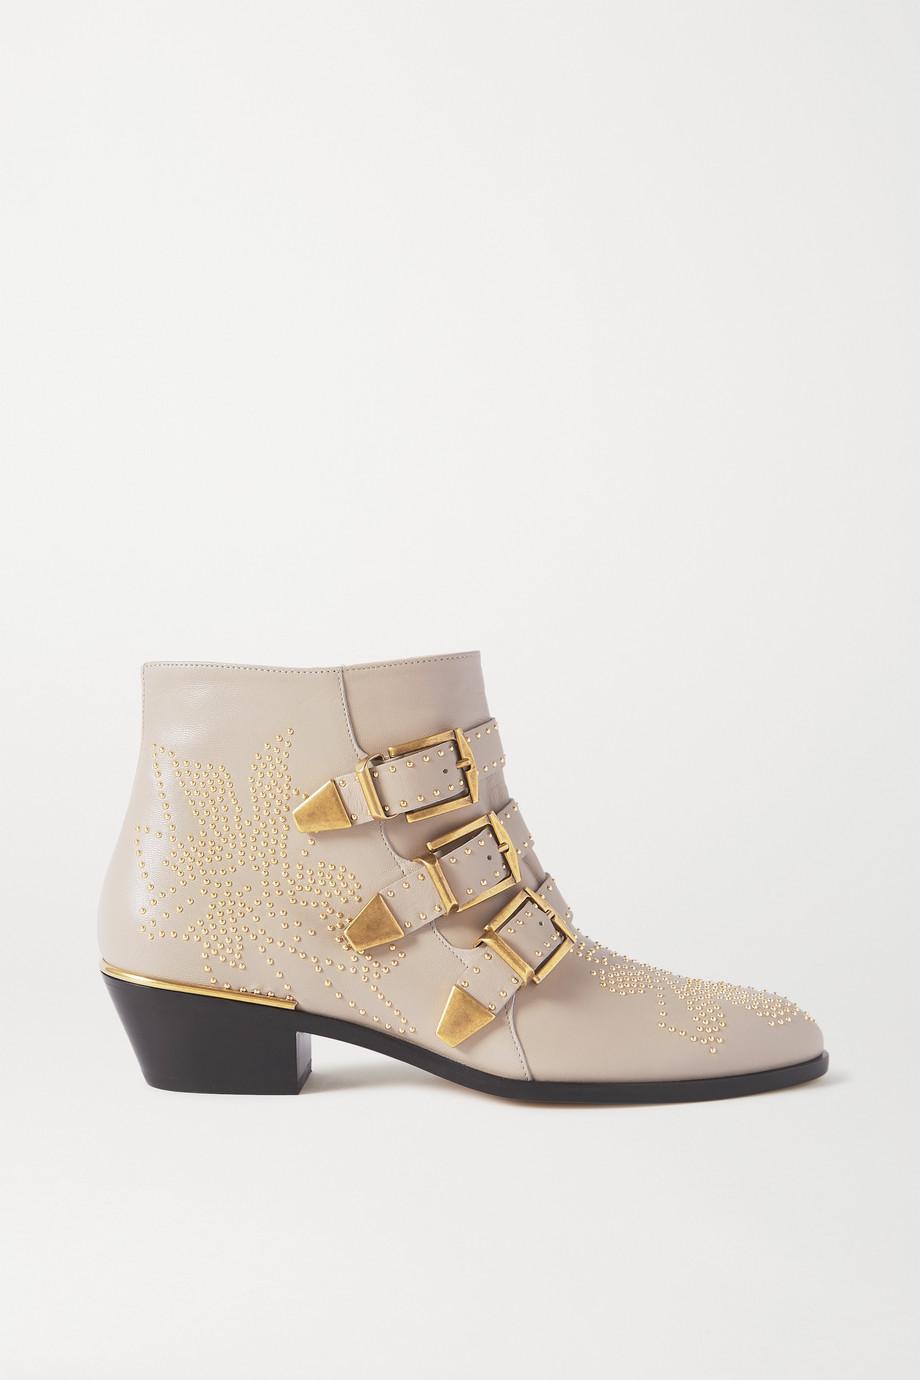 Chloé Susanna Ankle Boots aus Leder mit Nieten